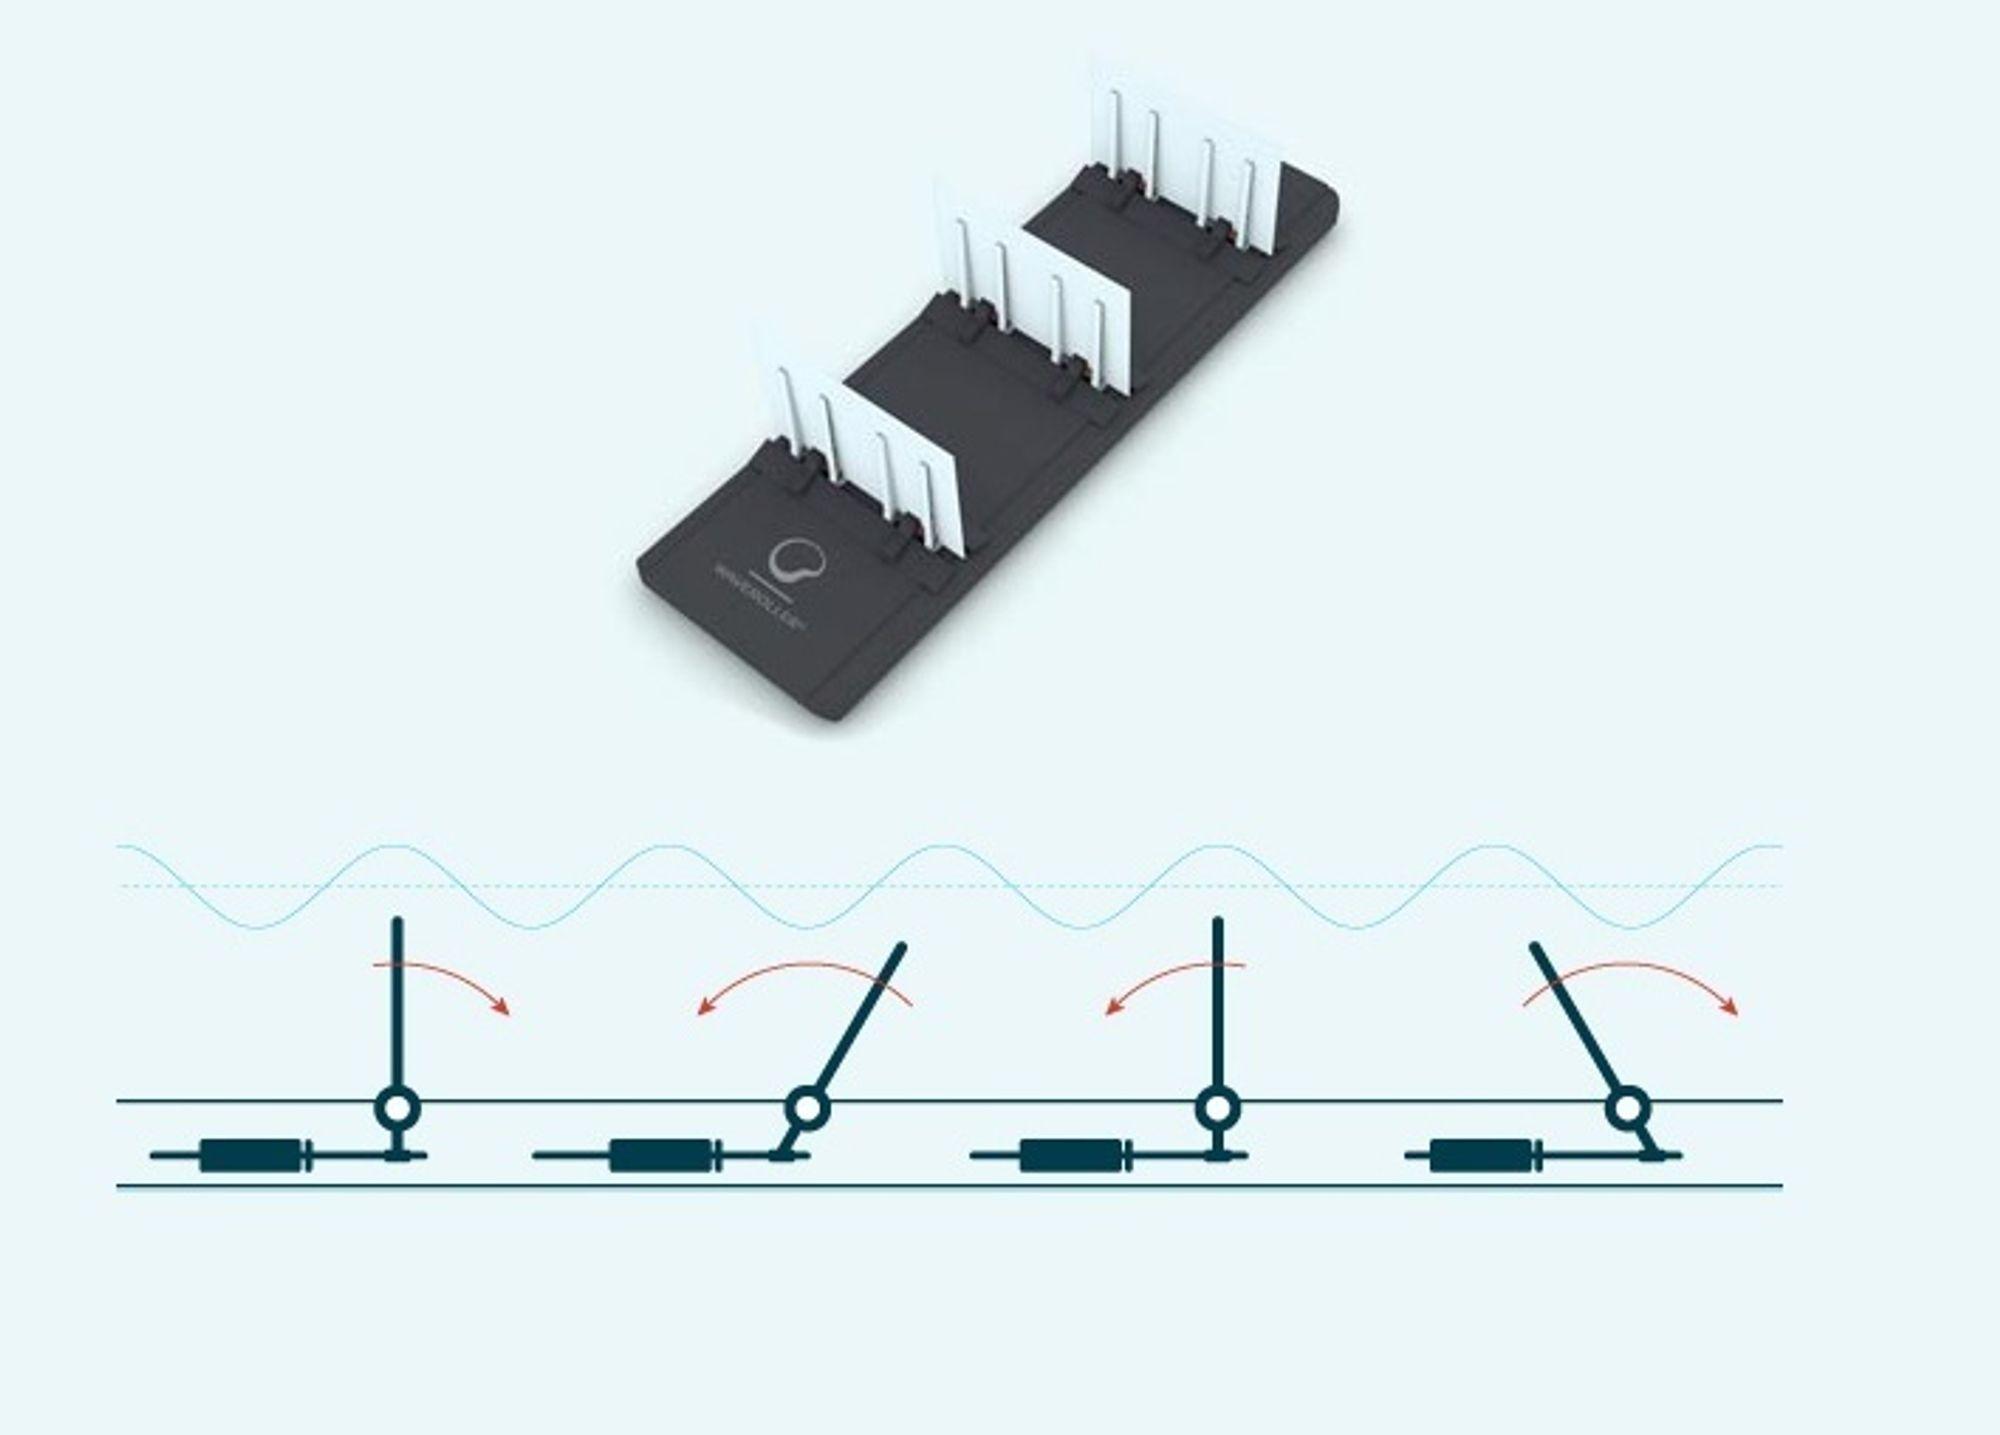 HØSTER FRA HAVET: Slik ser prototypen av Waveroller-teknologien ut. Platene utnytter strømmene langs havbunnen, som får ting til å bevege seg fram og tilbake.